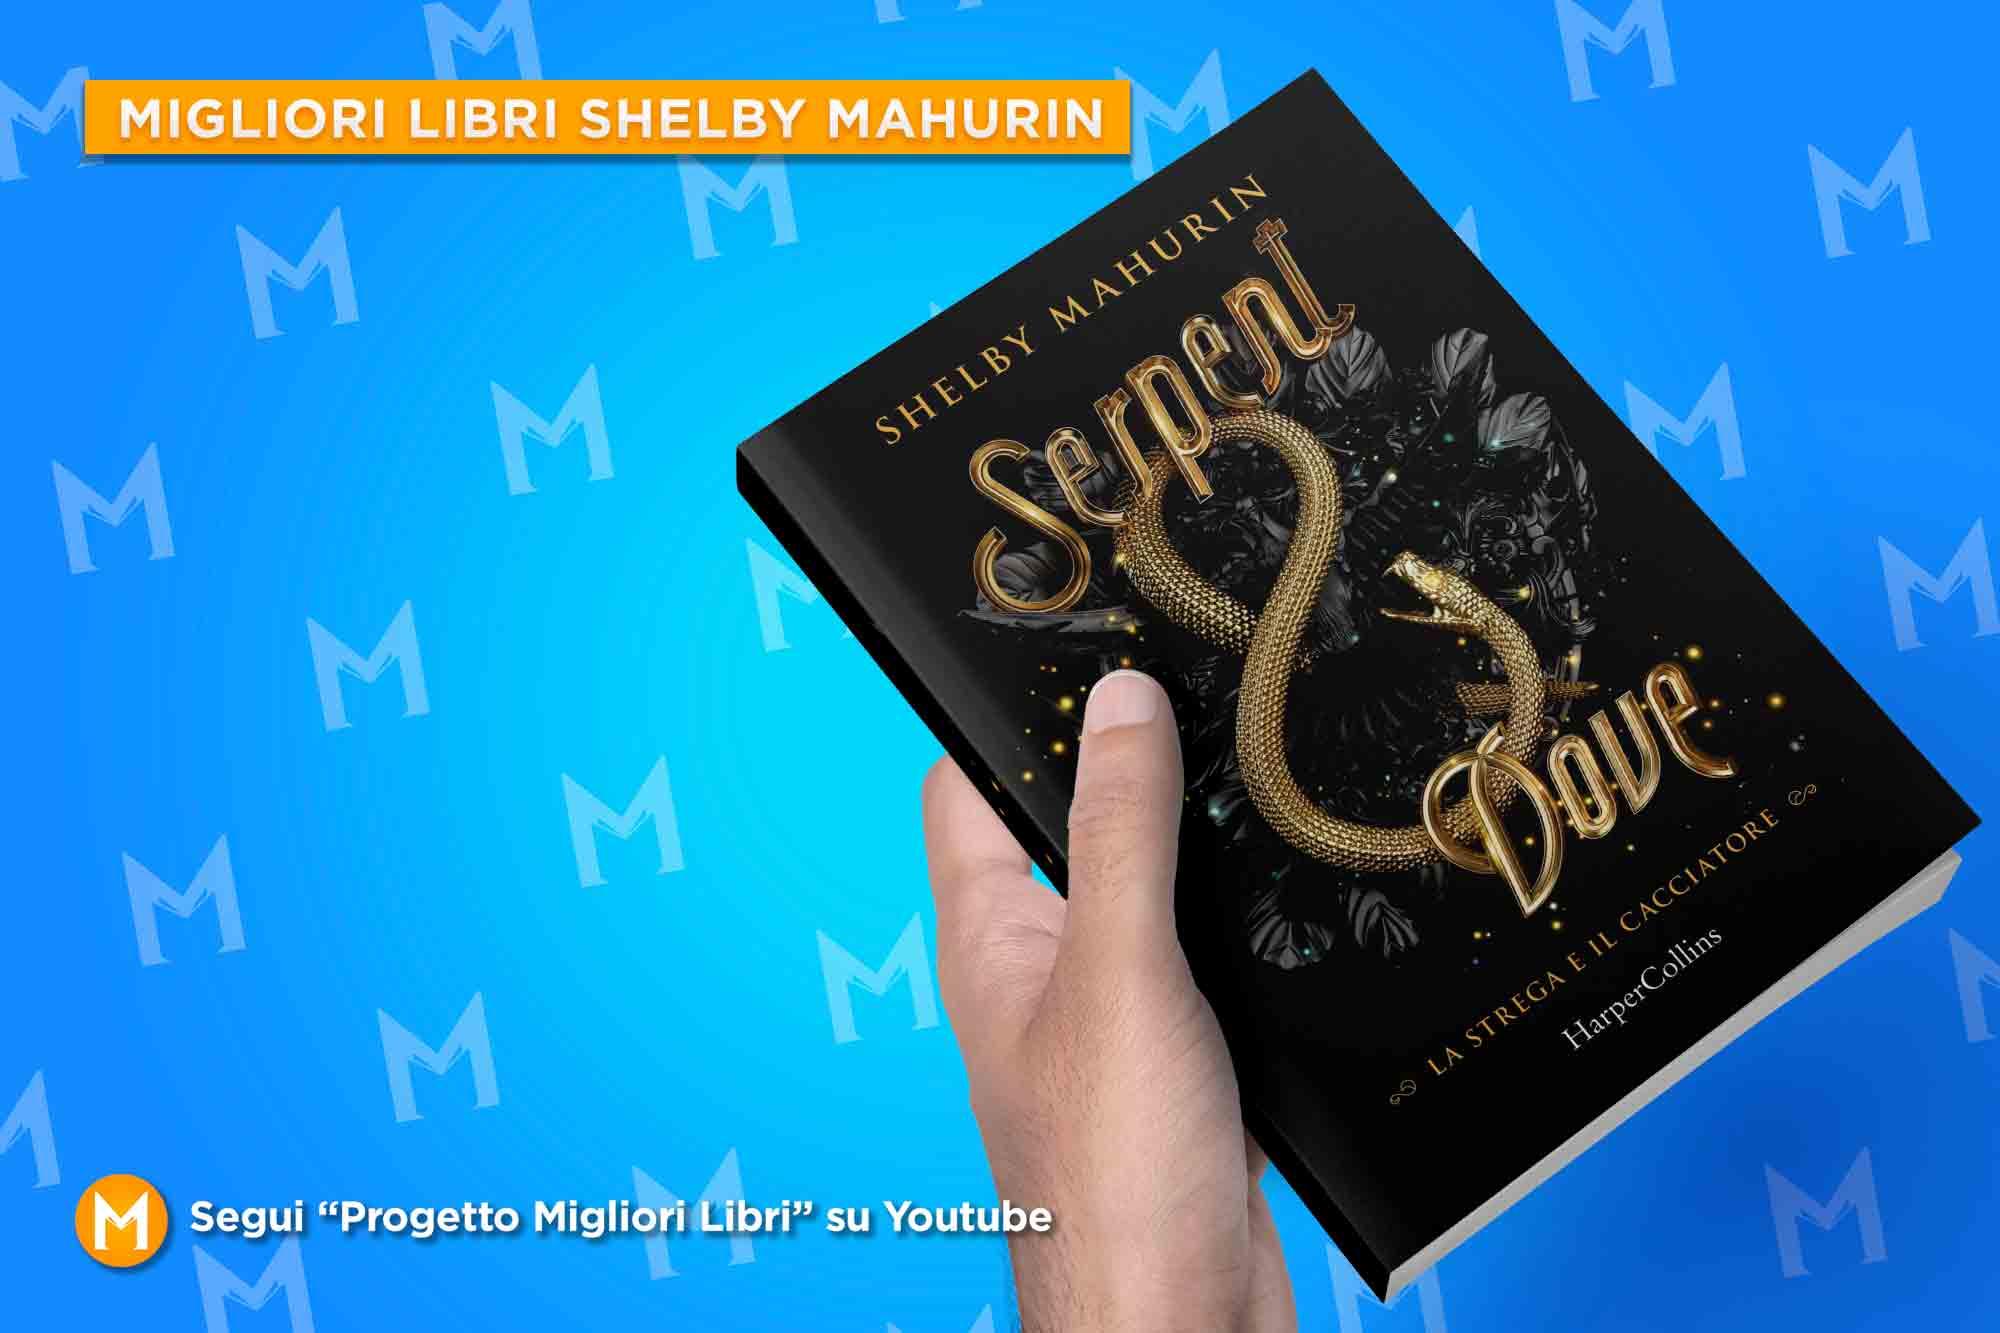 migliori-libri-shelby-mahurin